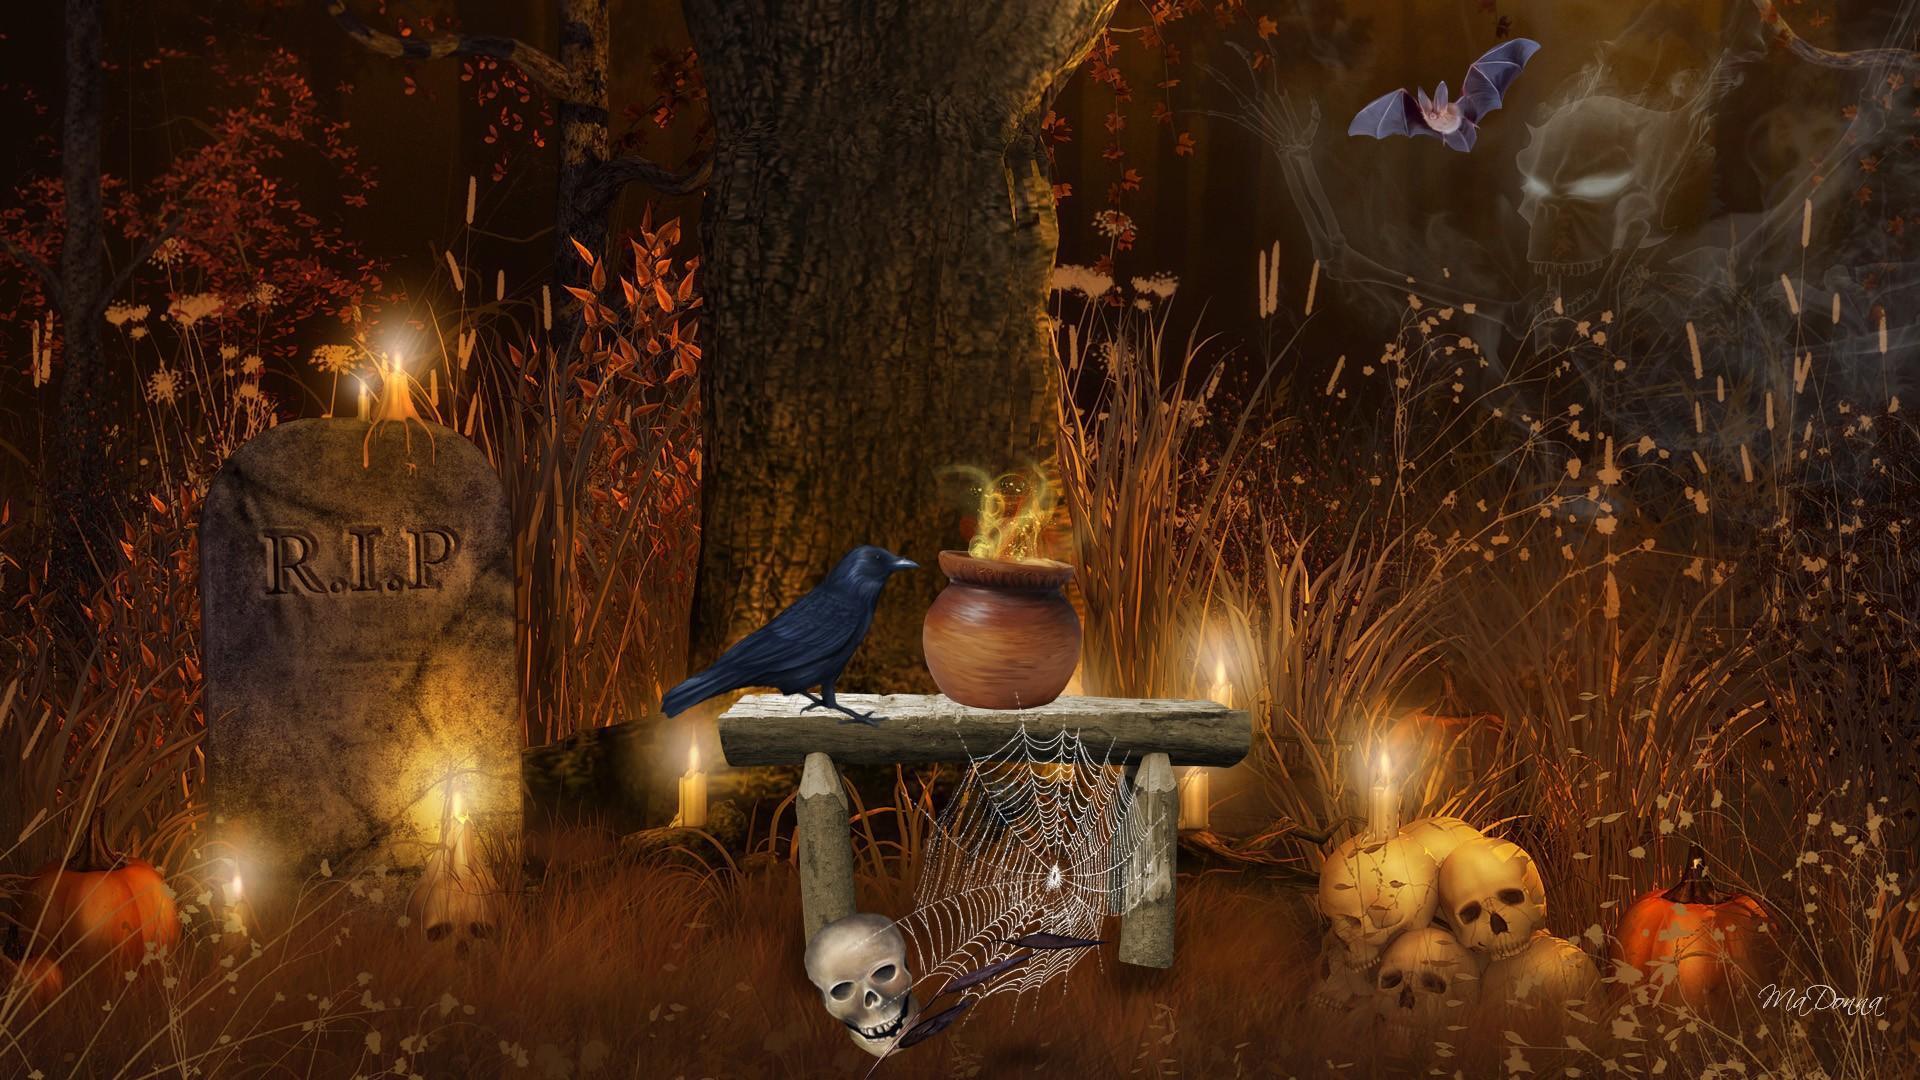 Fall White Pumpkins Wallpaper Halloween Spirits Hd Desktop Wallpaper Widescreen High